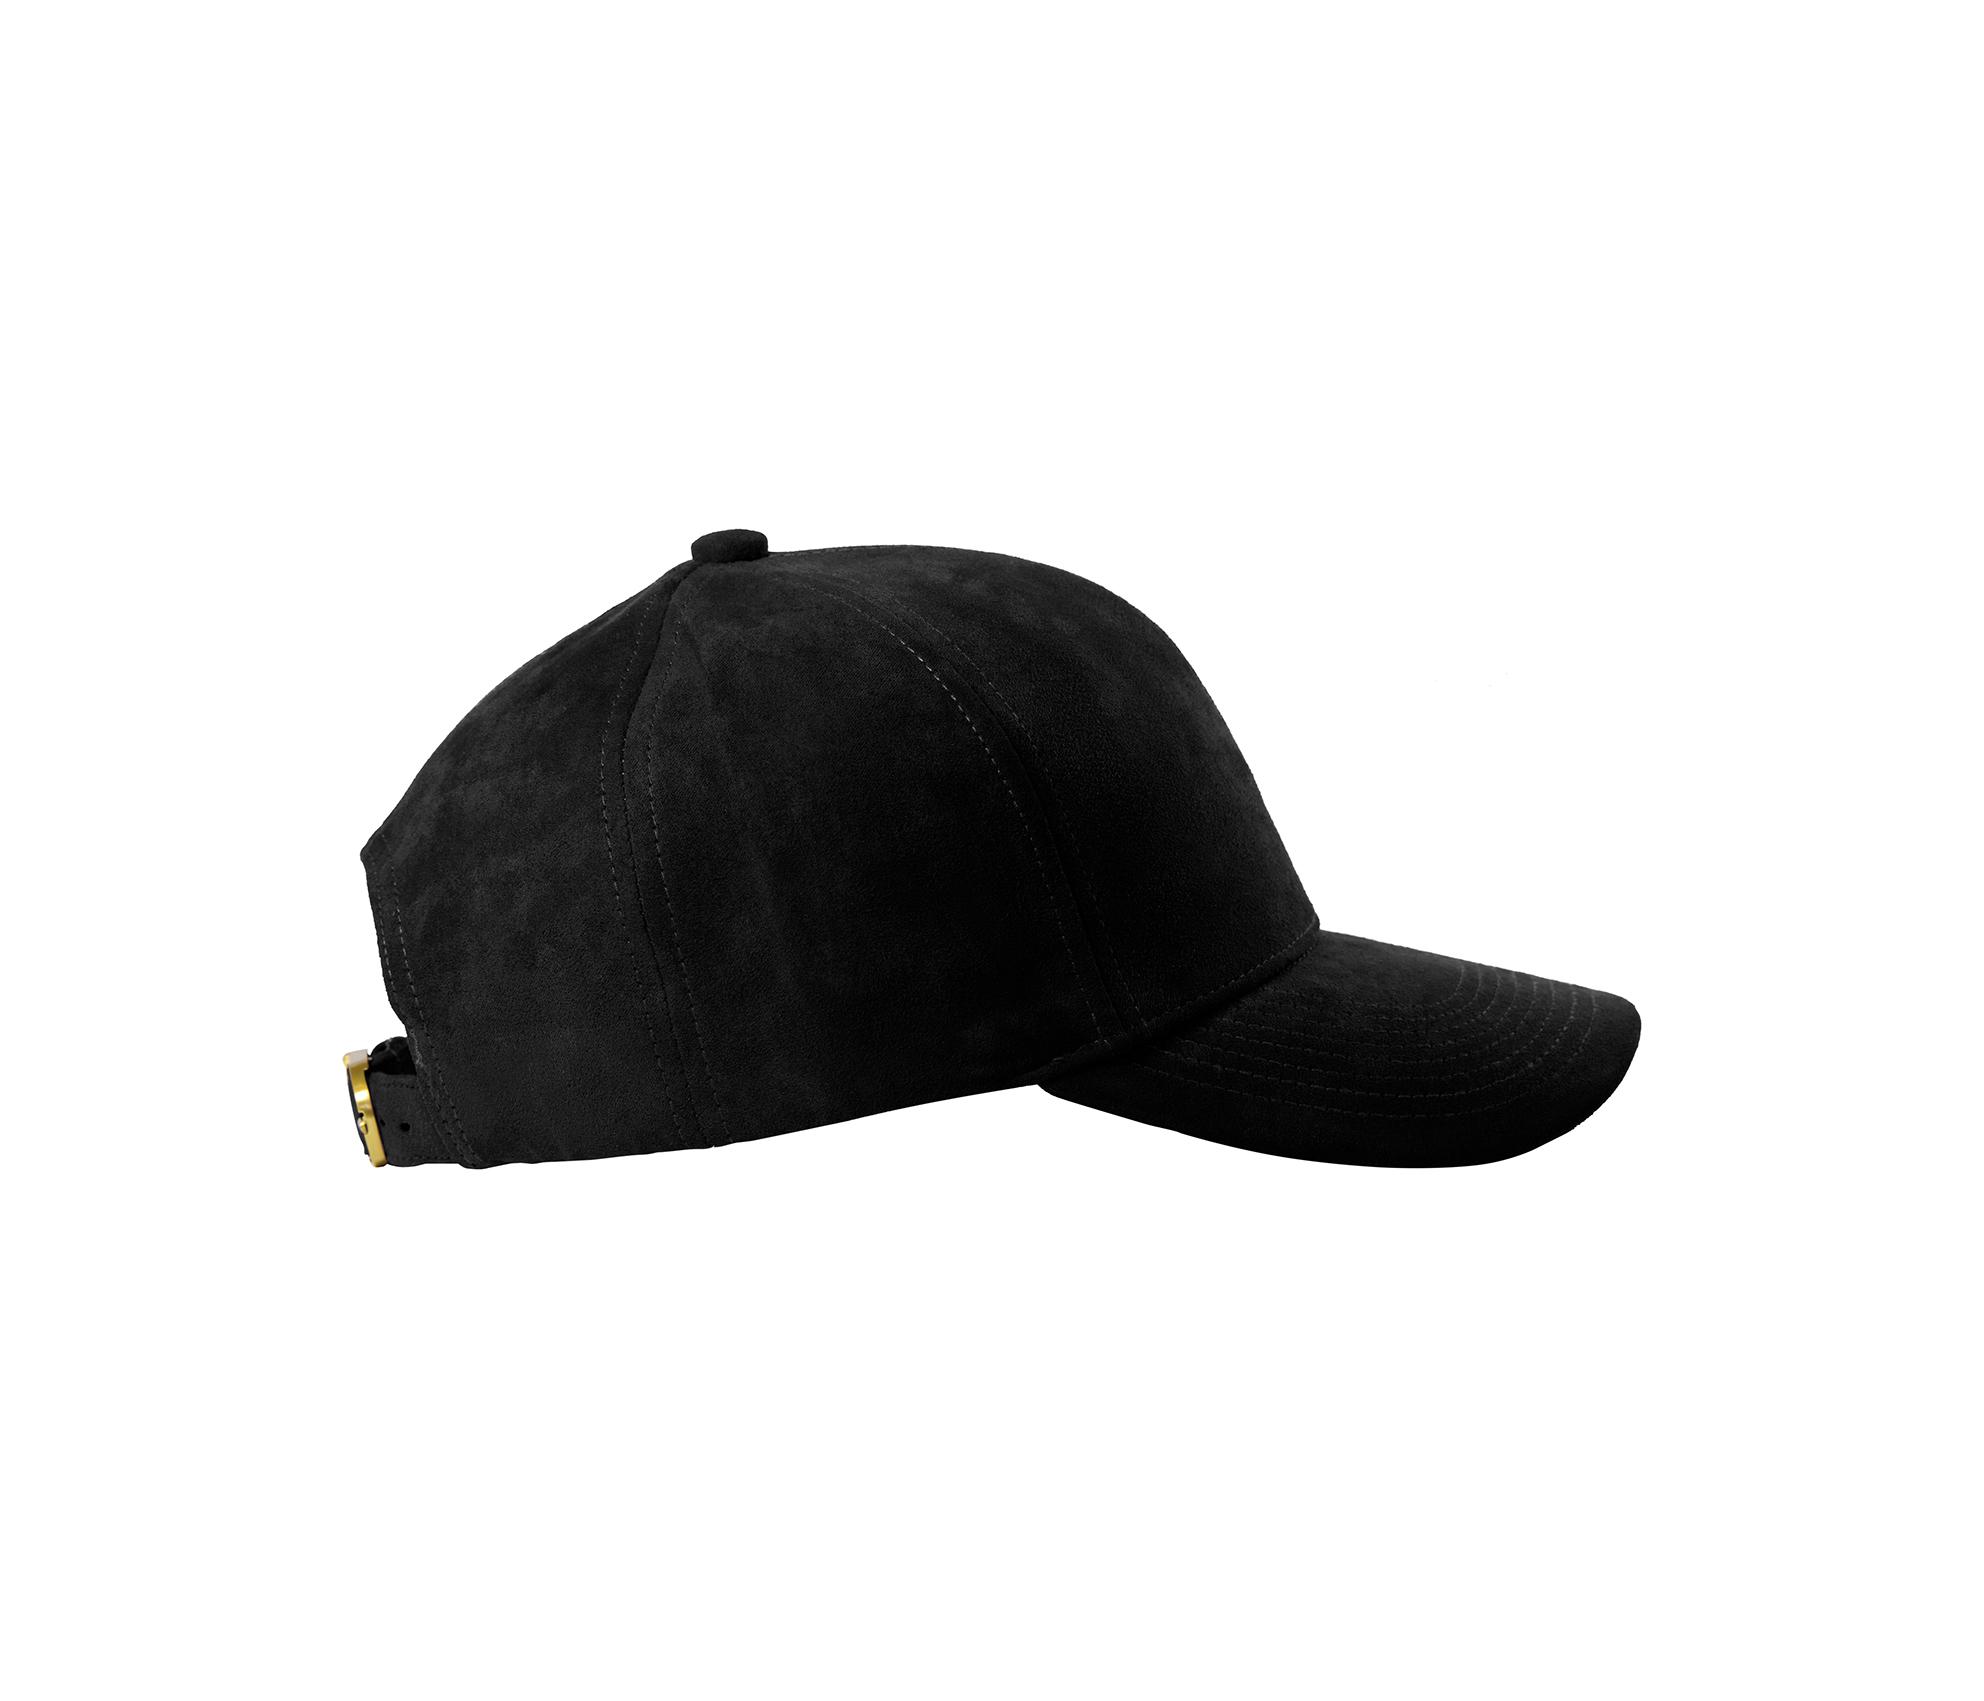 BASEBALL CAP BLACK SUEDE GOLD SIDE